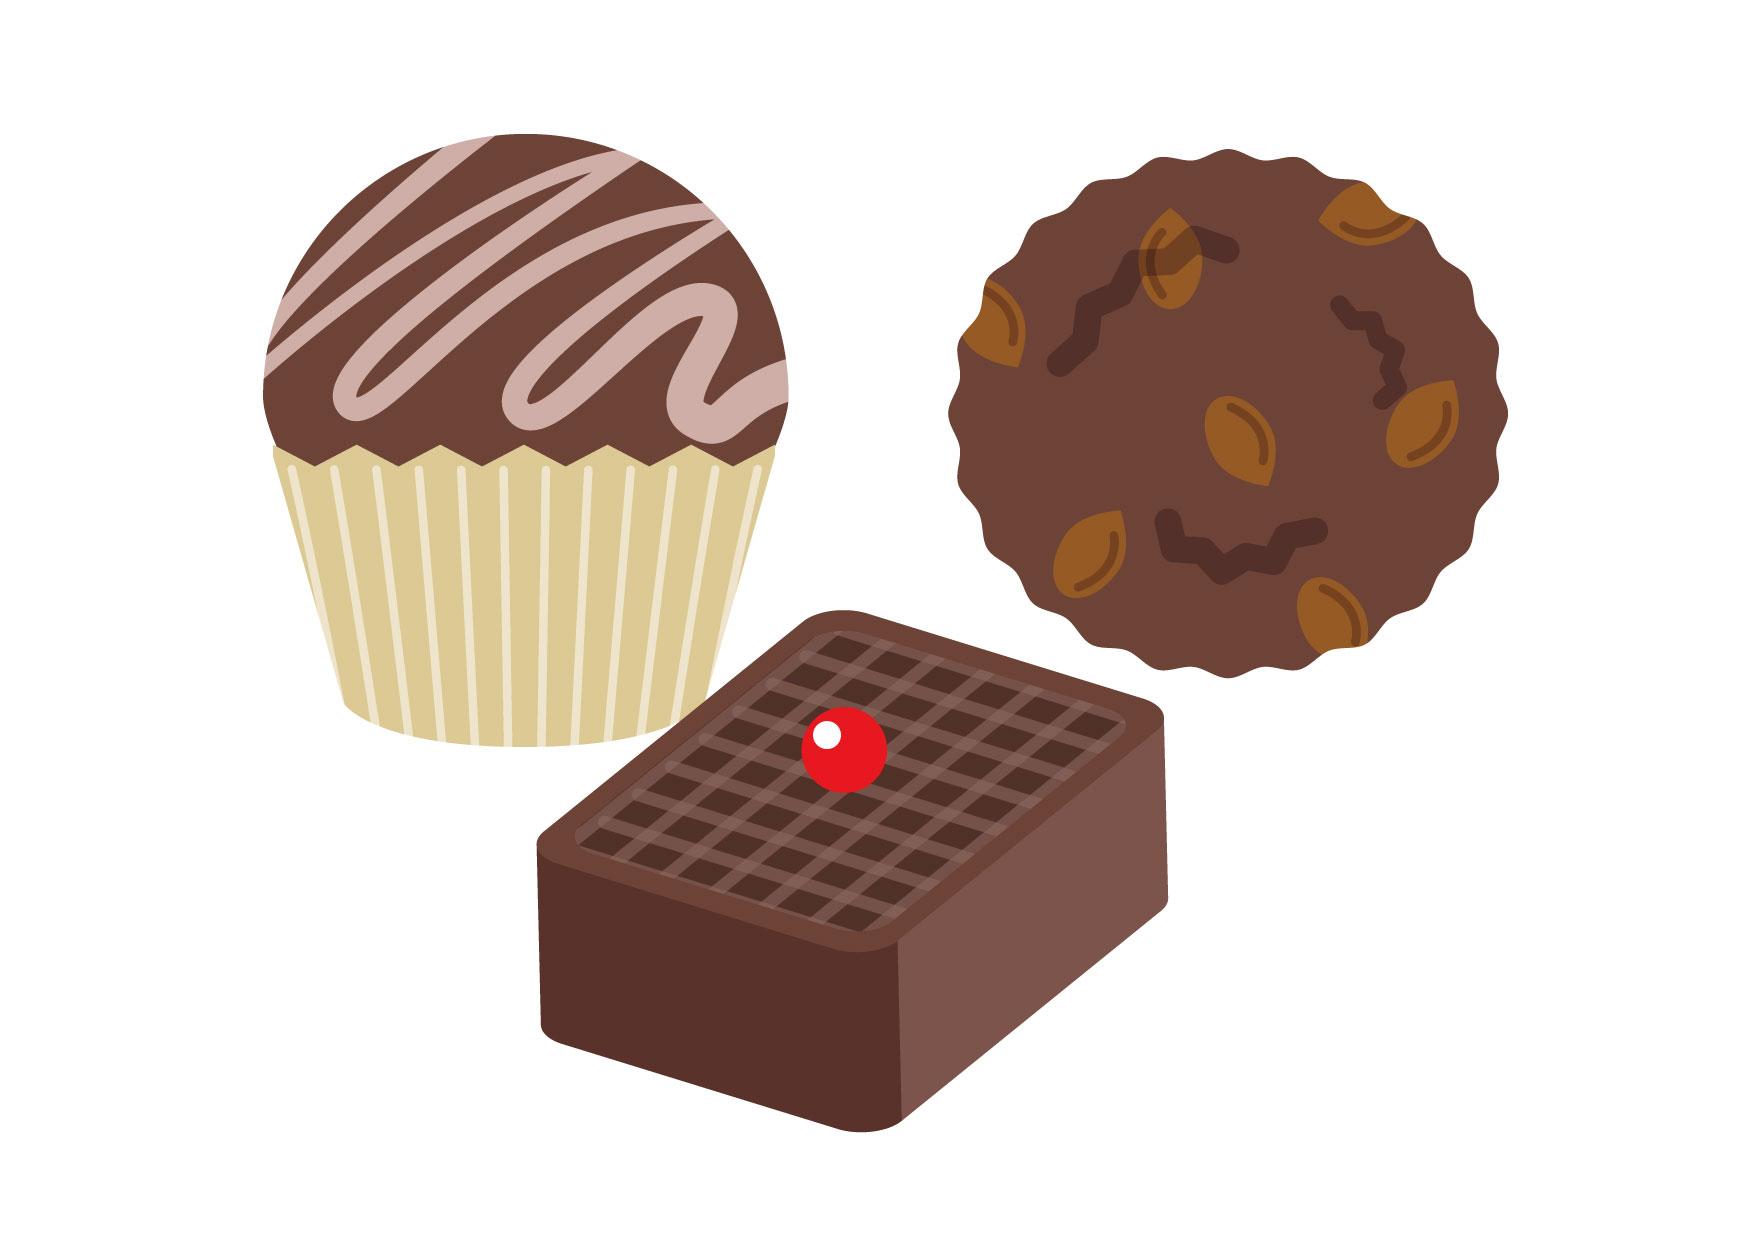 可愛いイラスト無料 バレンタイン チョコレート Free Illustration Valentine Chocolate 公式 イラスト 素材サイト イラストダウンロード